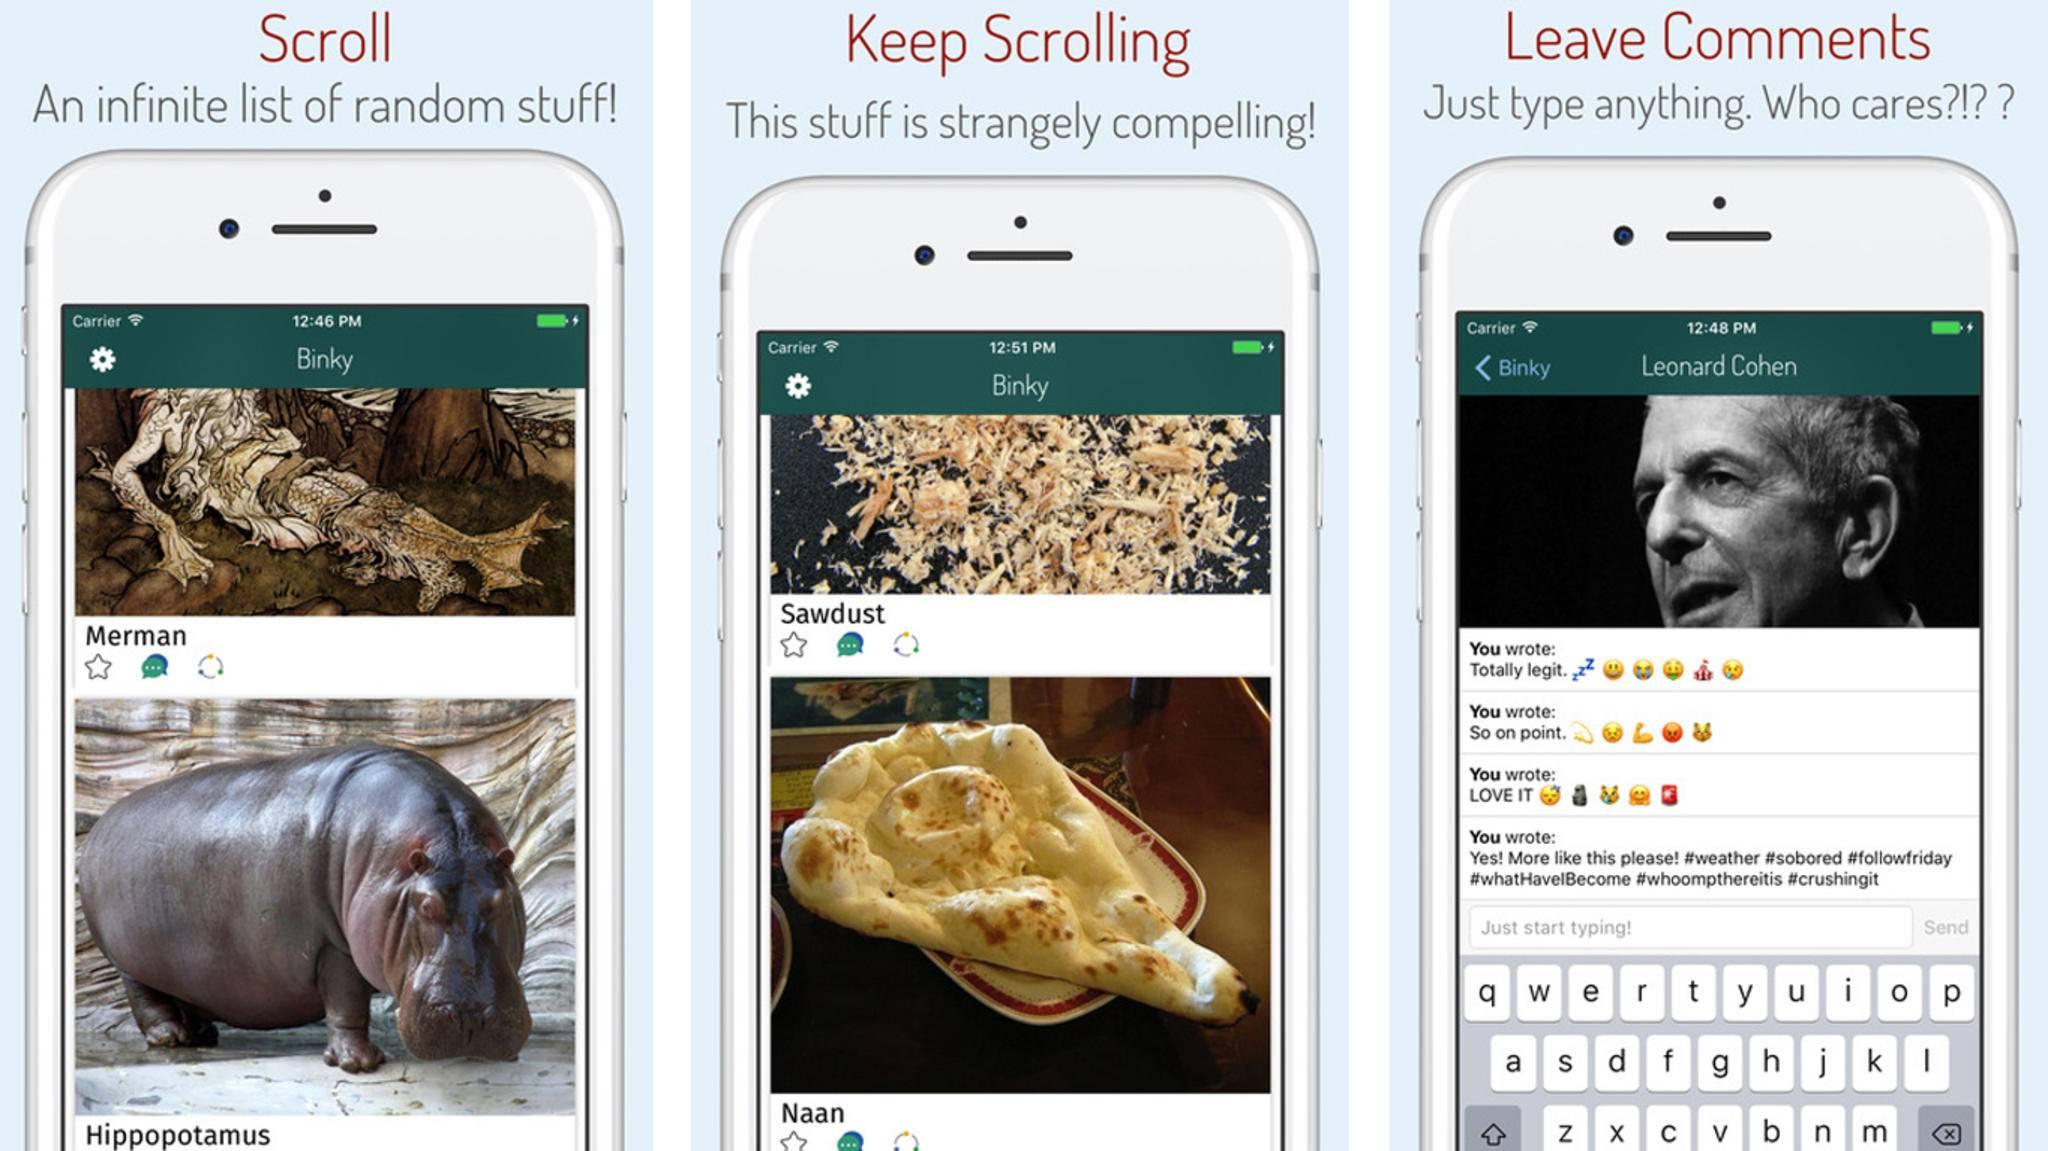 Bilder von Nilpferden und Sägemehl findest Du in der App Binky.